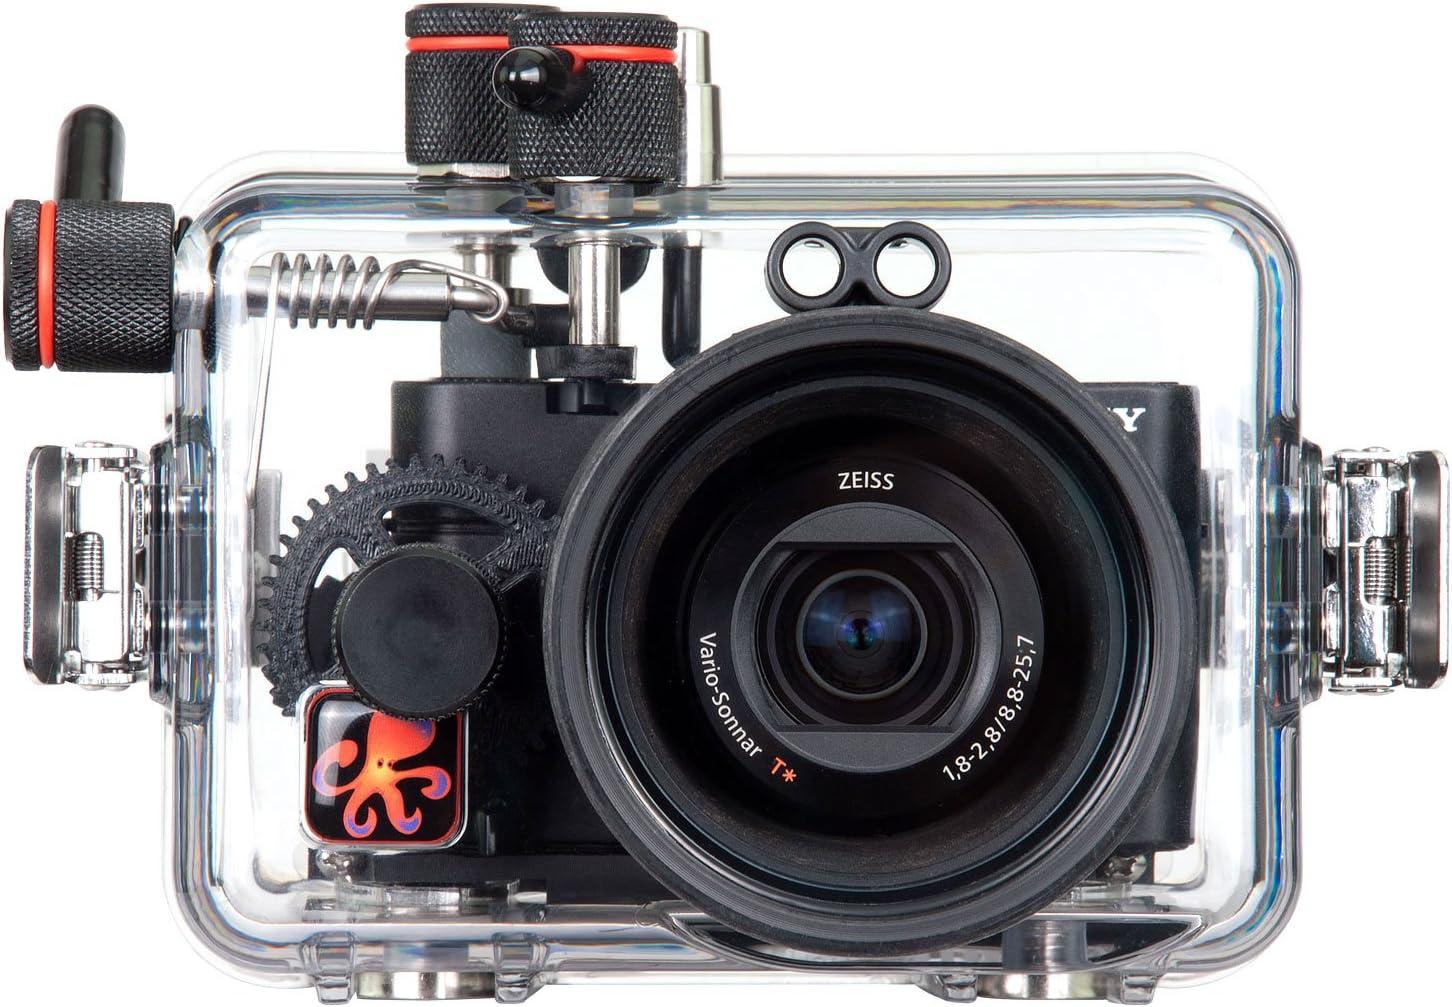 Ikelite 6116.12 Carcasa submarina para cámara: Amazon.es: Electrónica